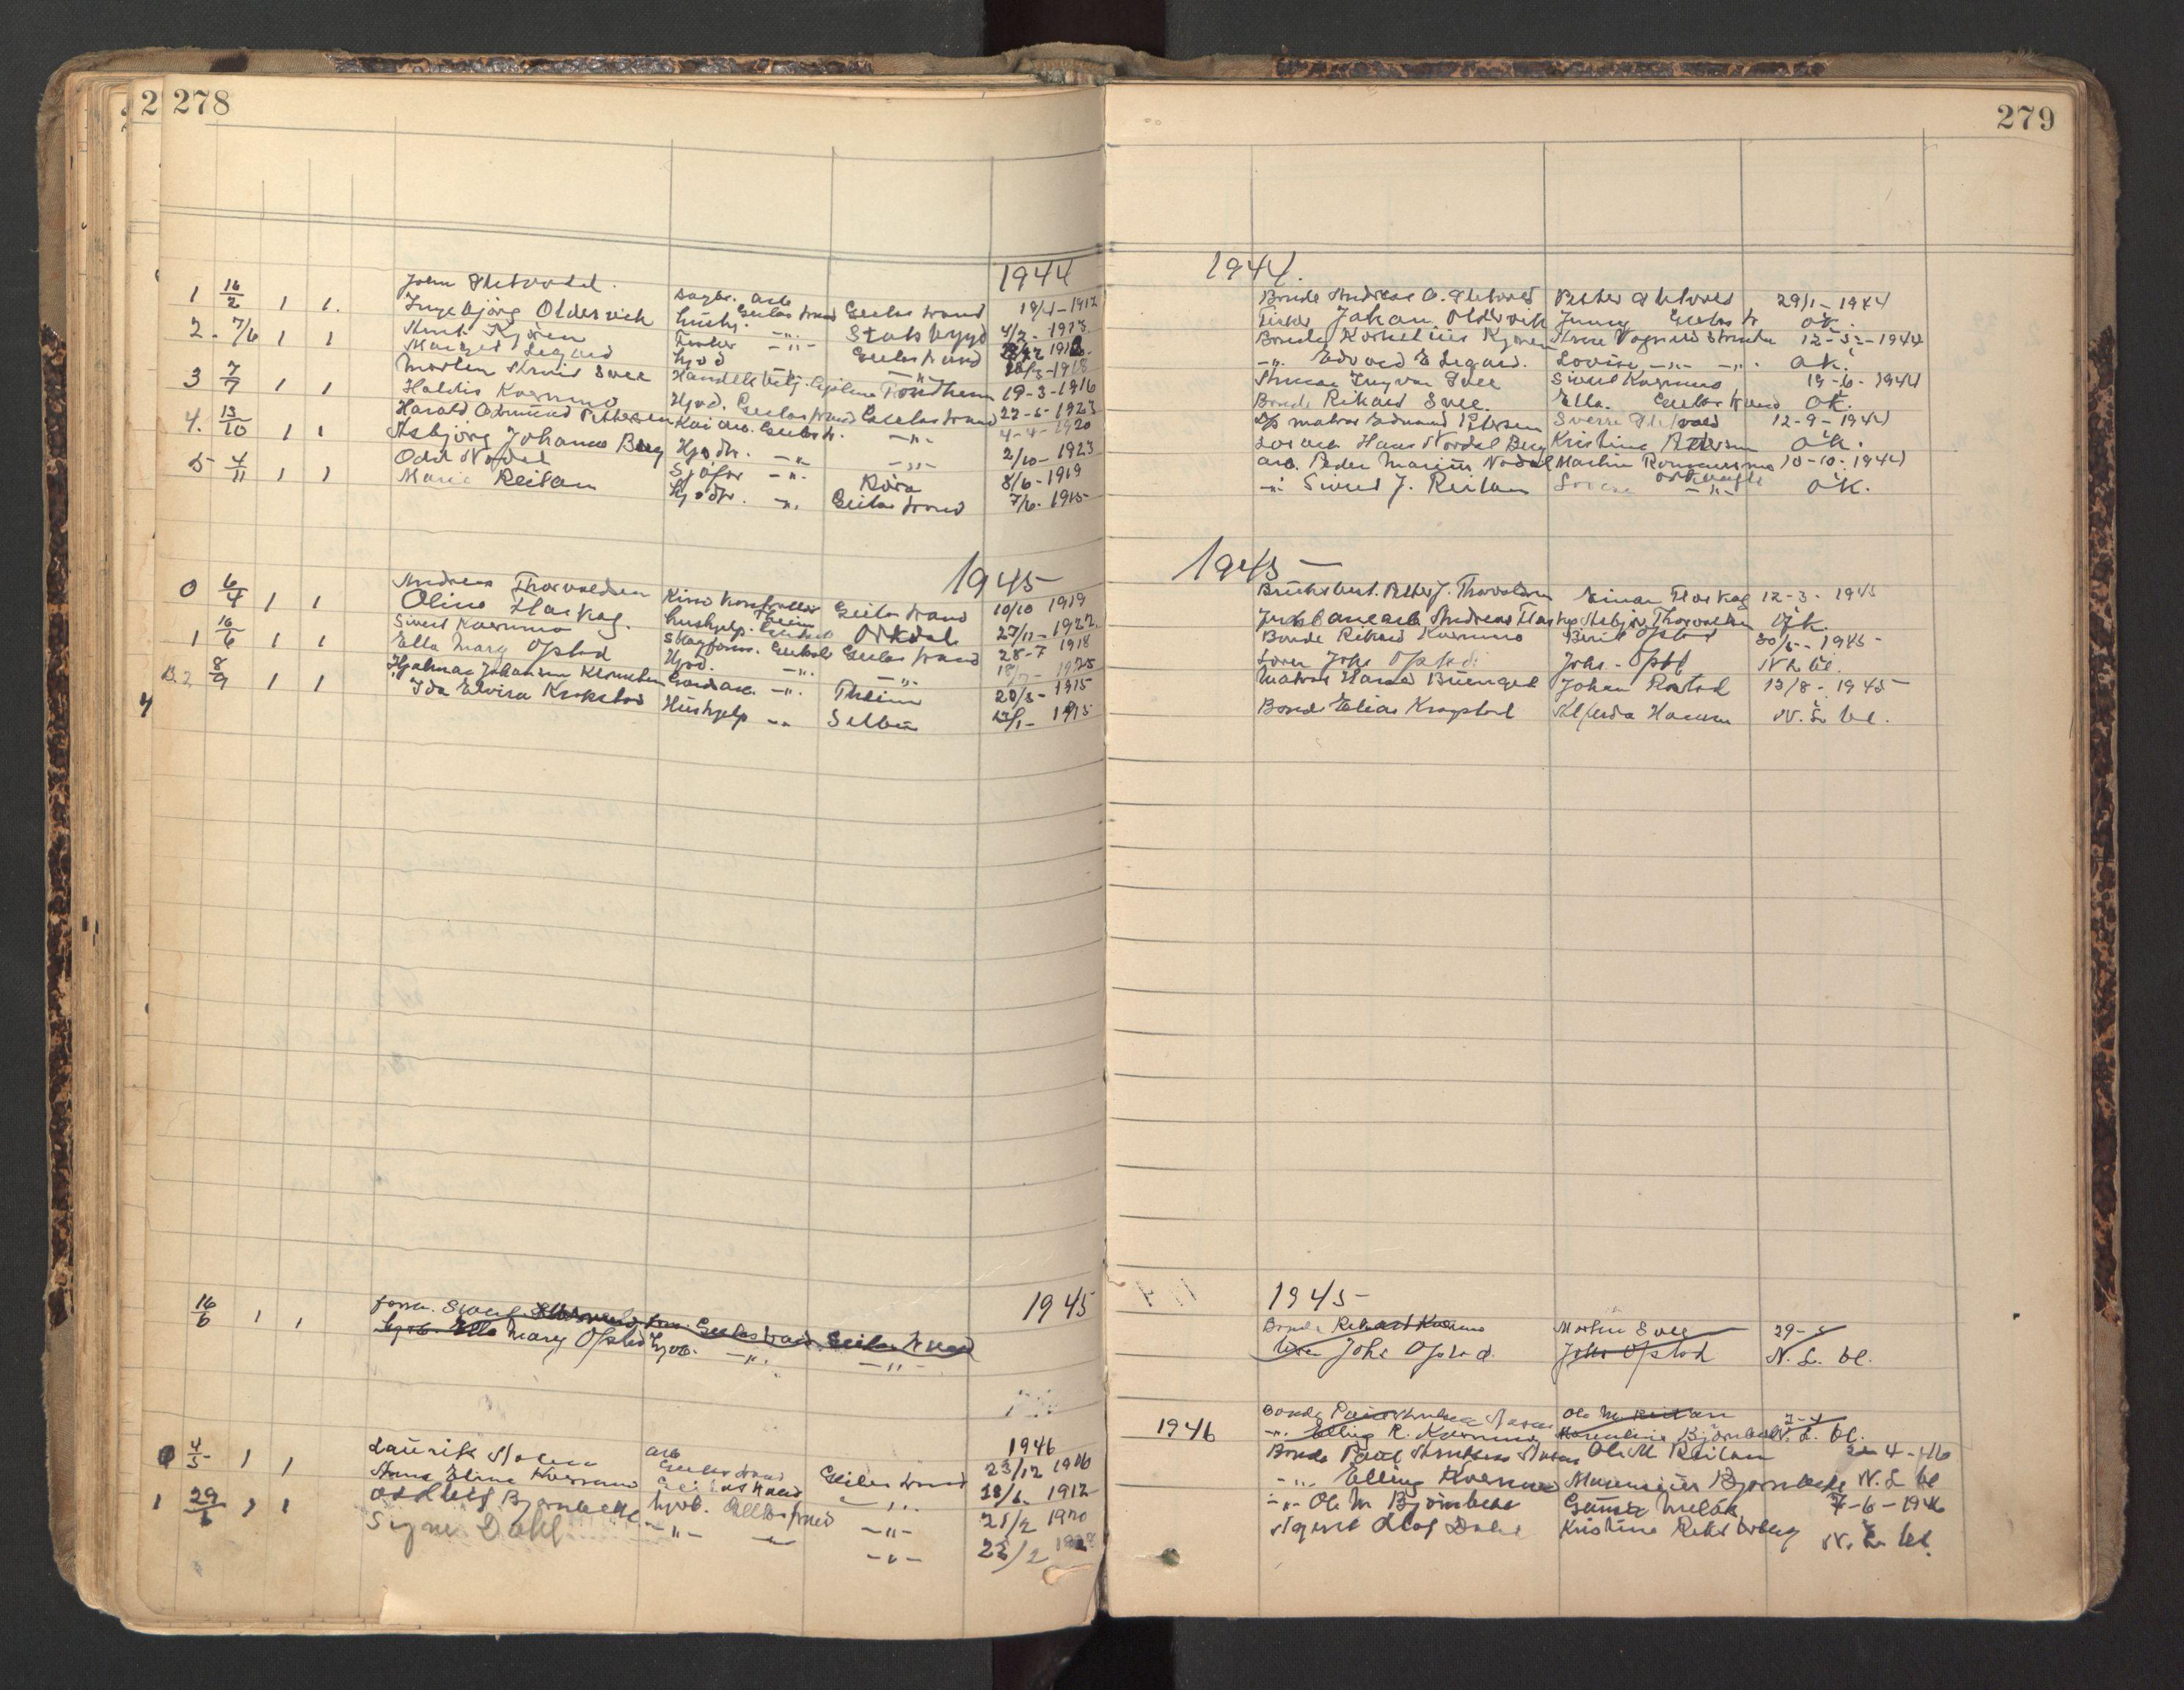 SAT, Ministerialprotokoller, klokkerbøker og fødselsregistre - Sør-Trøndelag, 670/L0837: Klokkerbok nr. 670C01, 1905-1946, s. 278-279